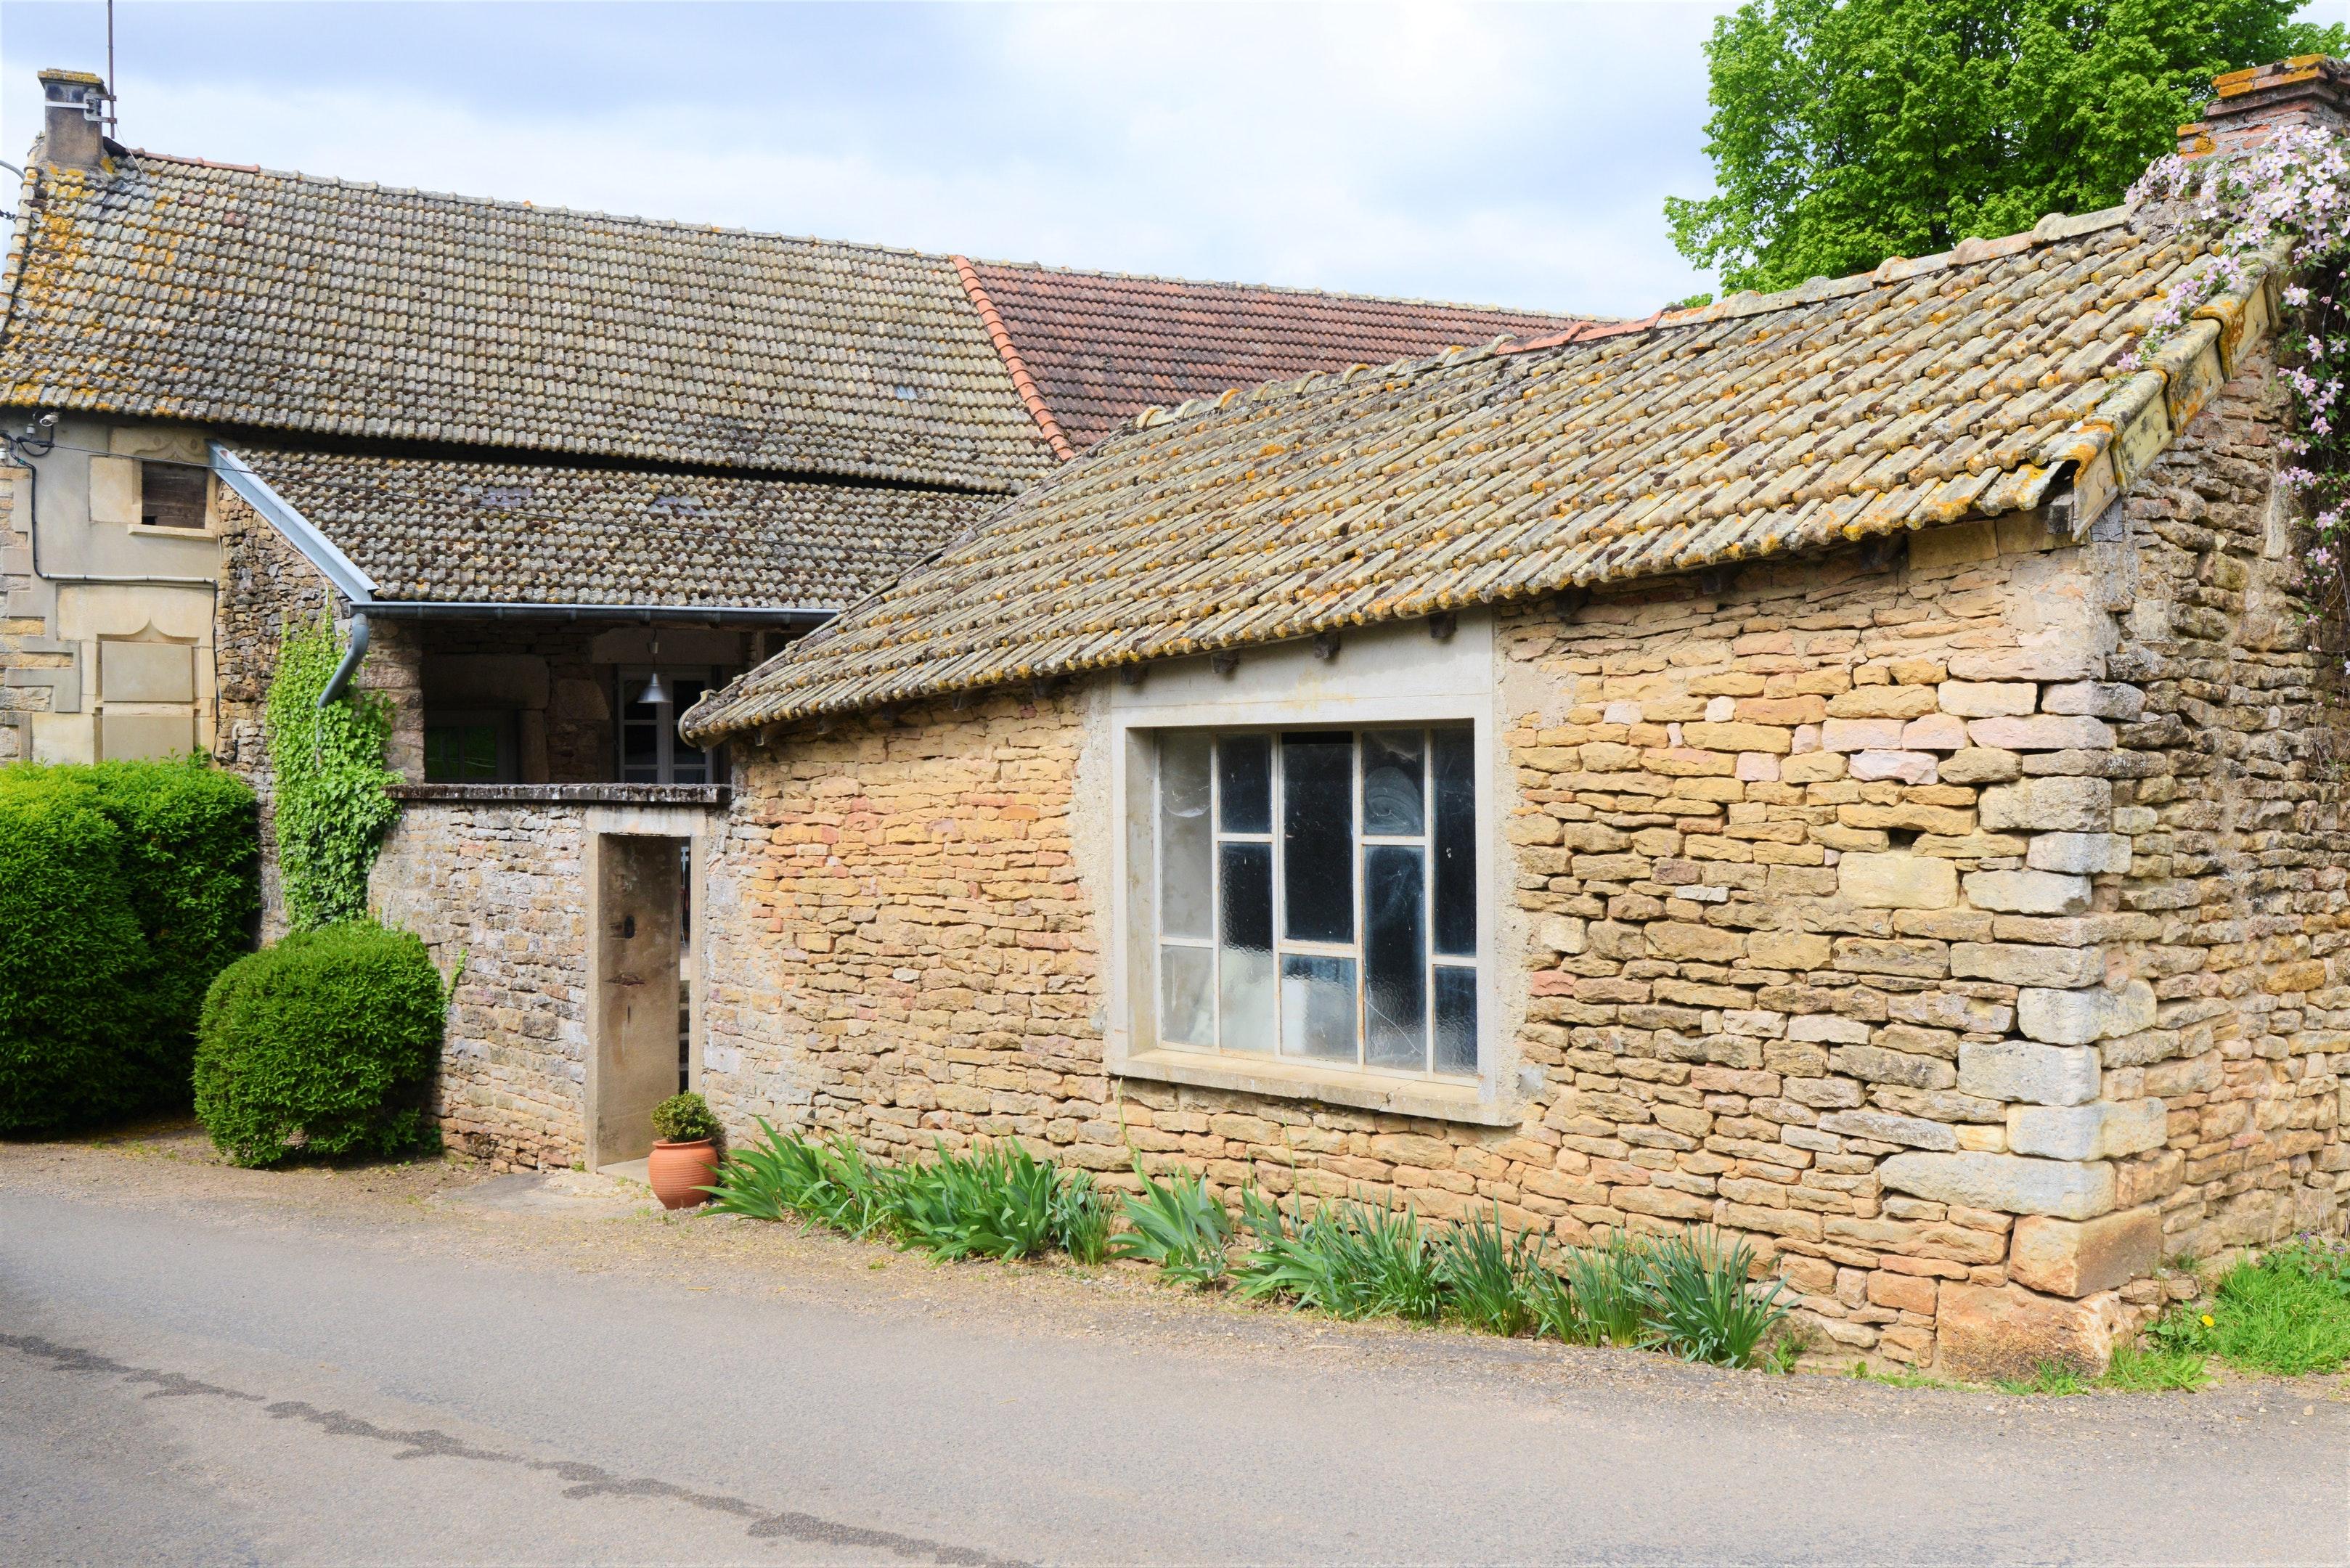 Ferienhaus Haus mit 2 Schlafzimmern in Grevilly mit eingezäuntem Garten (2202565), Grevilly, Saône-et-Loire, Burgund, Frankreich, Bild 19